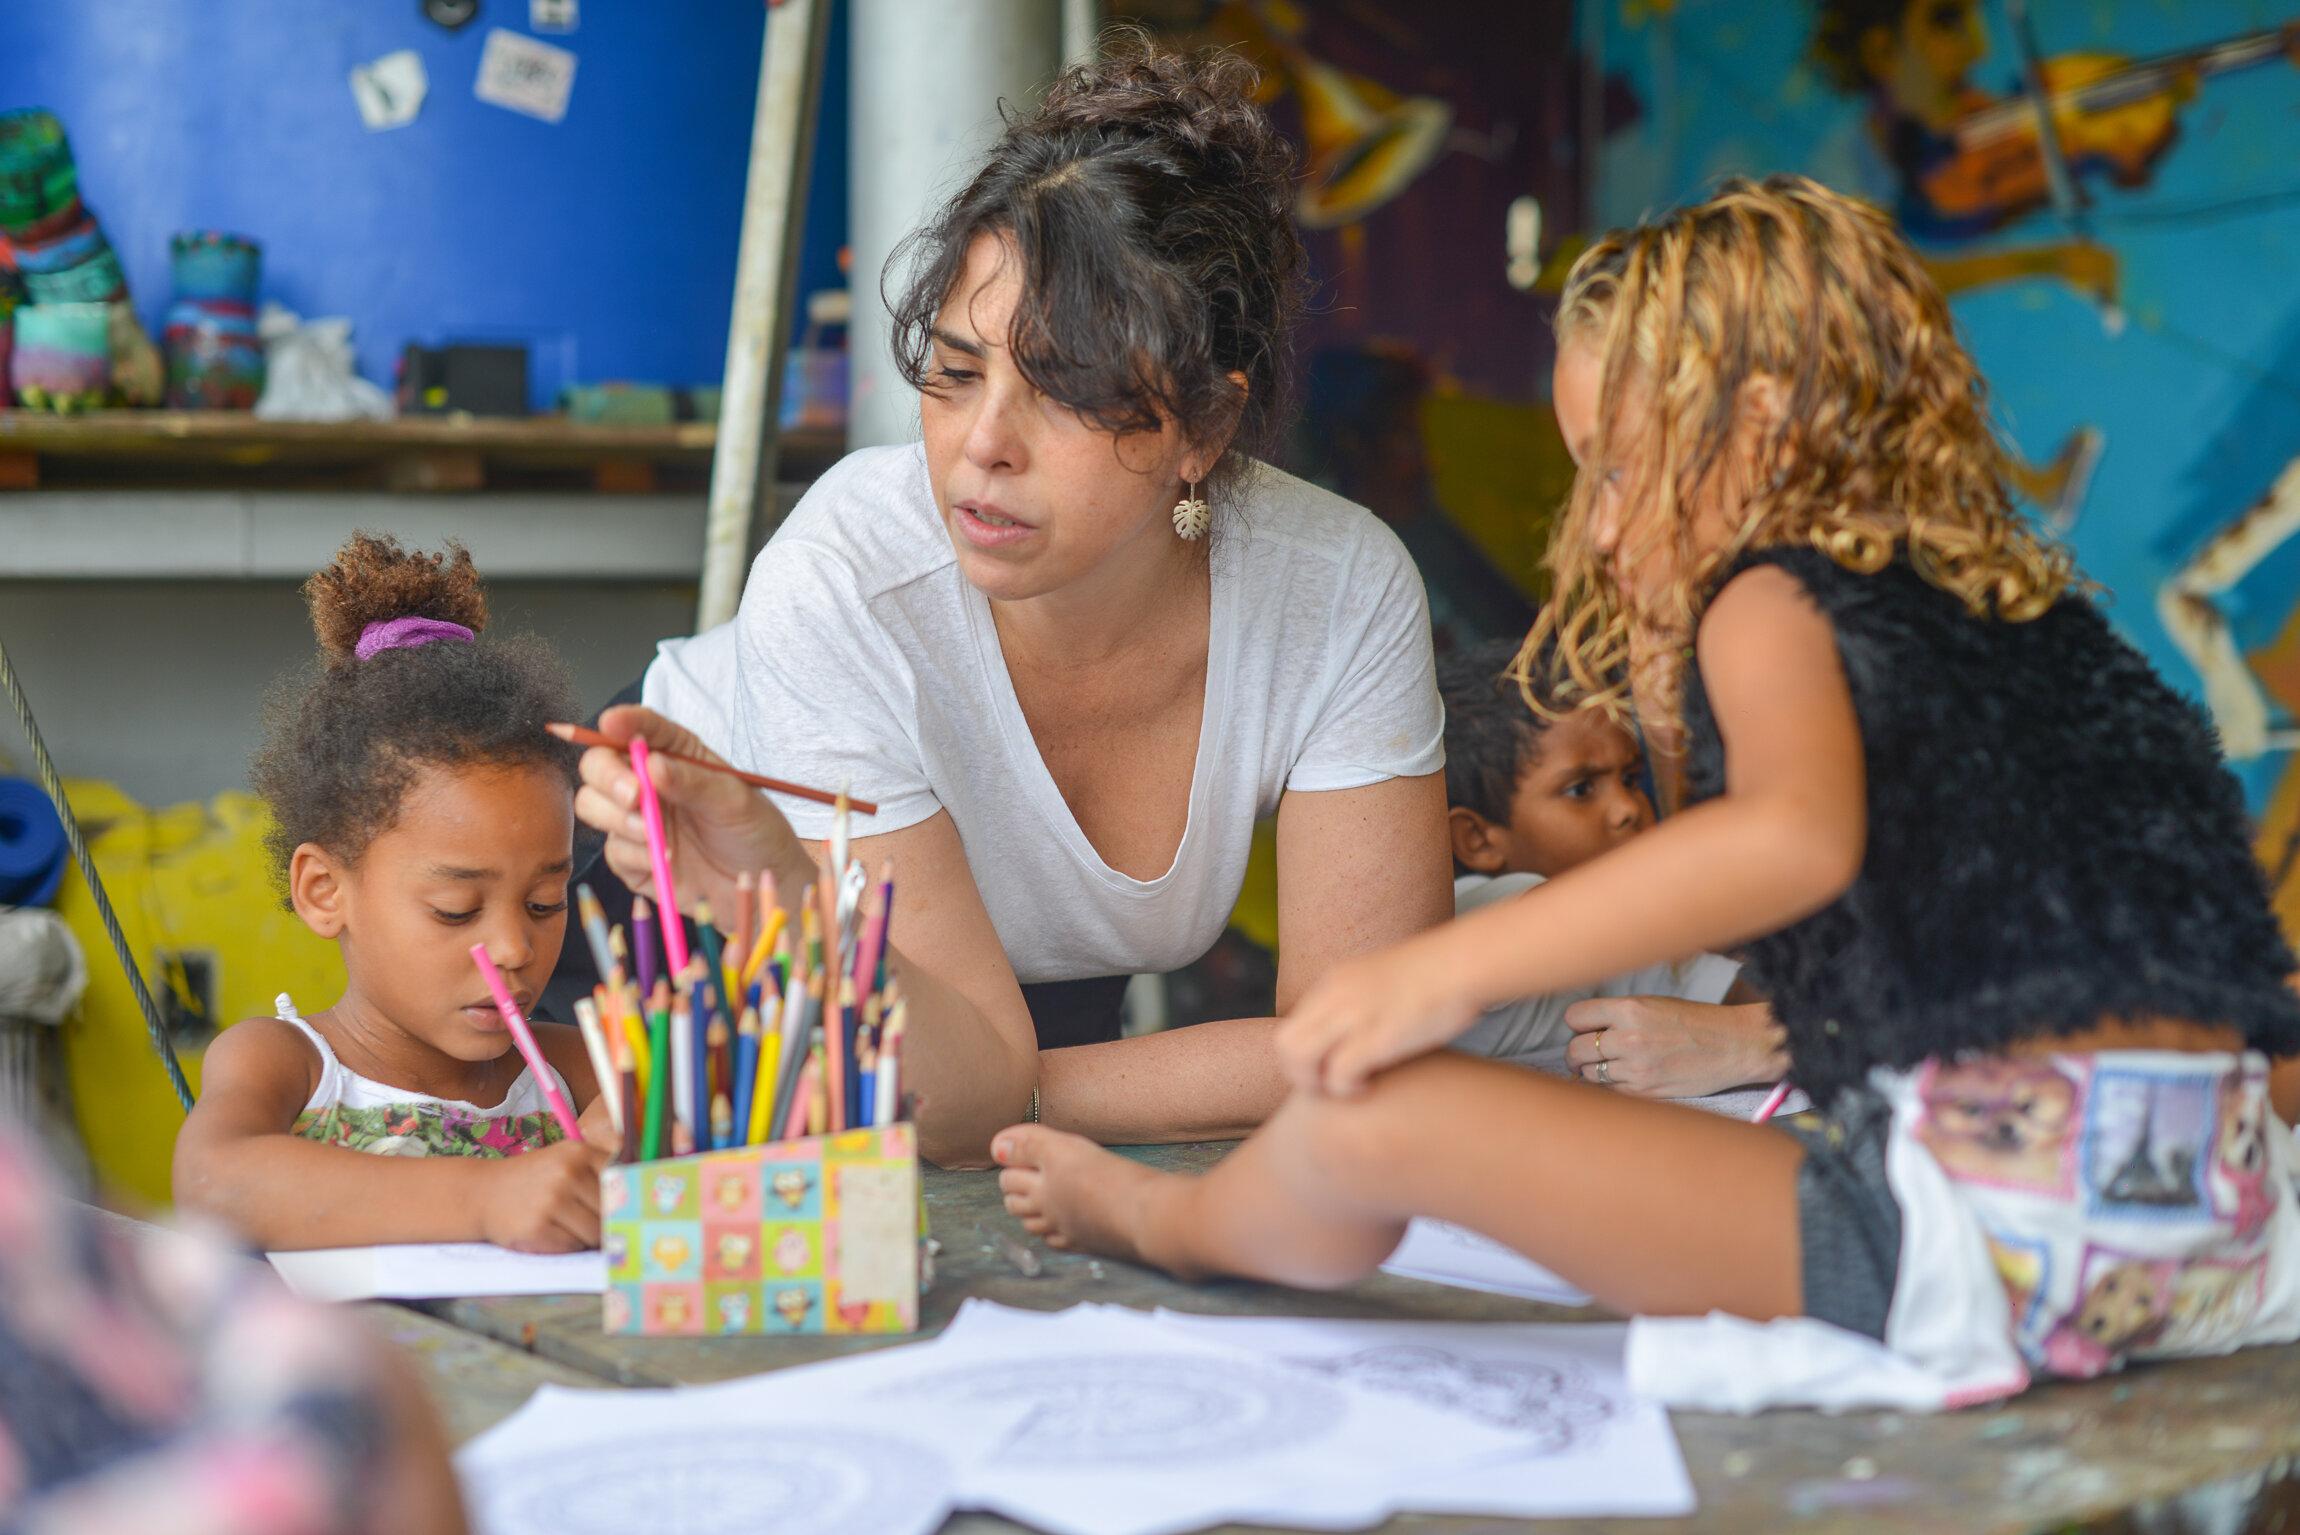 Maria Cecília Morais Pires - Psychologist   Mestre em psicologia clínica pela PUC-Rio, membro do Tempo Freudiano Associação Psicanalítica, com experiência em saúde mental infanto-juvenil na rede pública e em consultório particular.